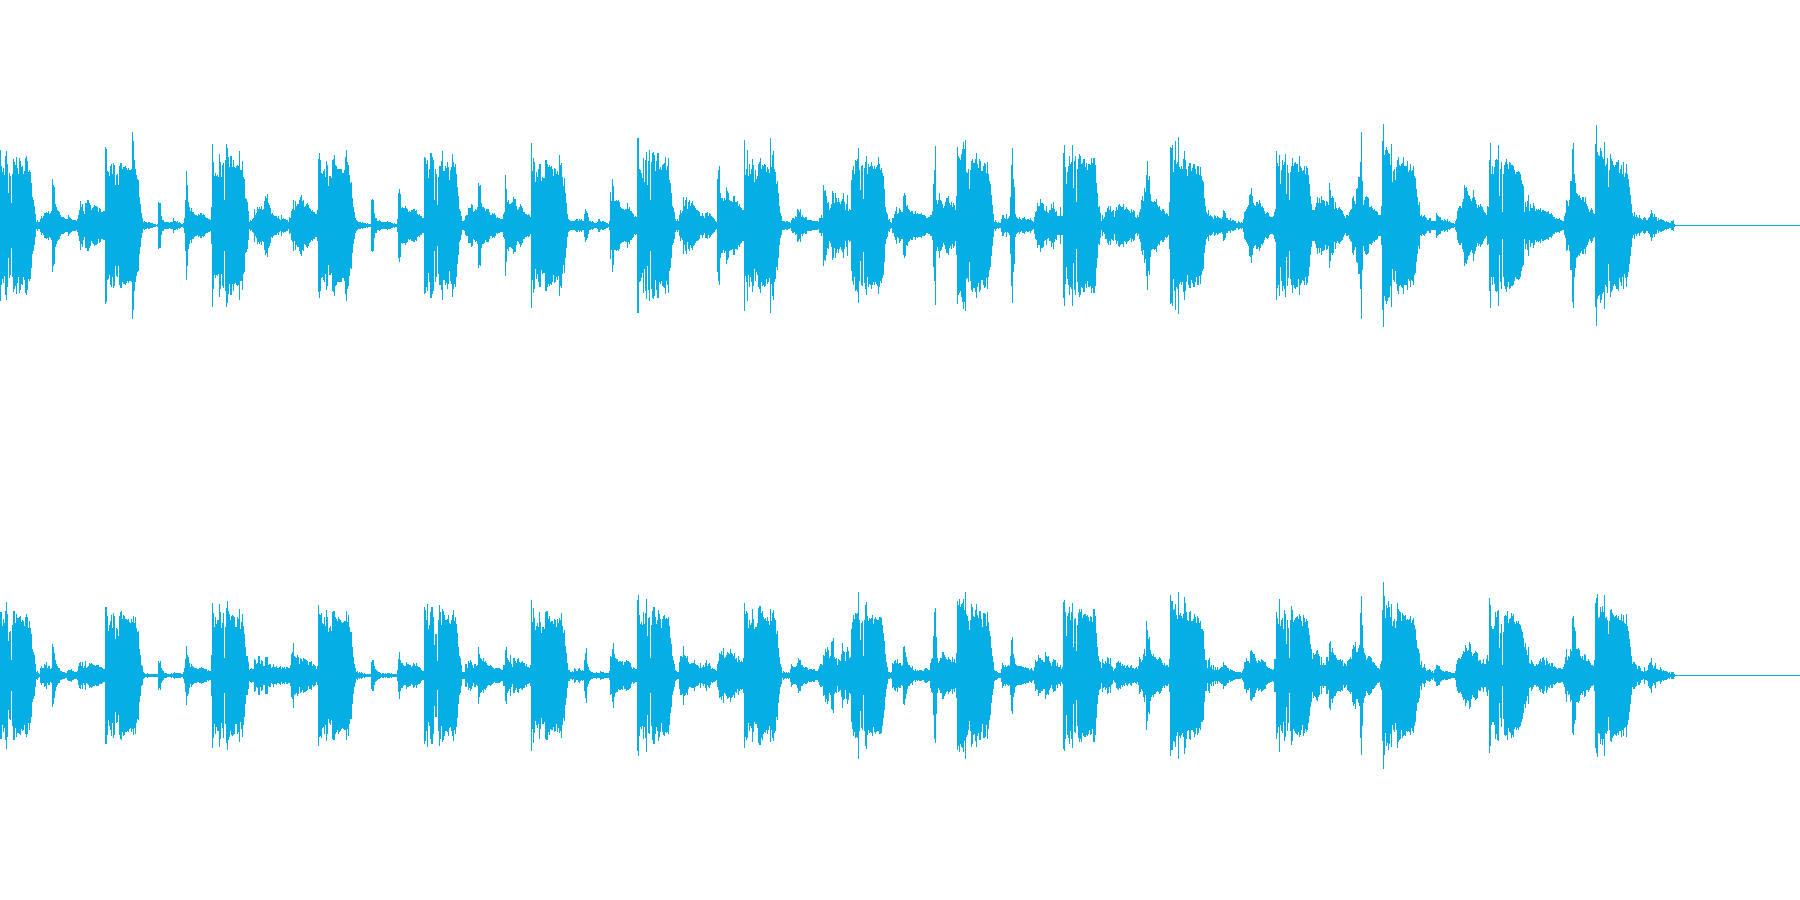 落ち着いたテクノ風BGMの再生済みの波形